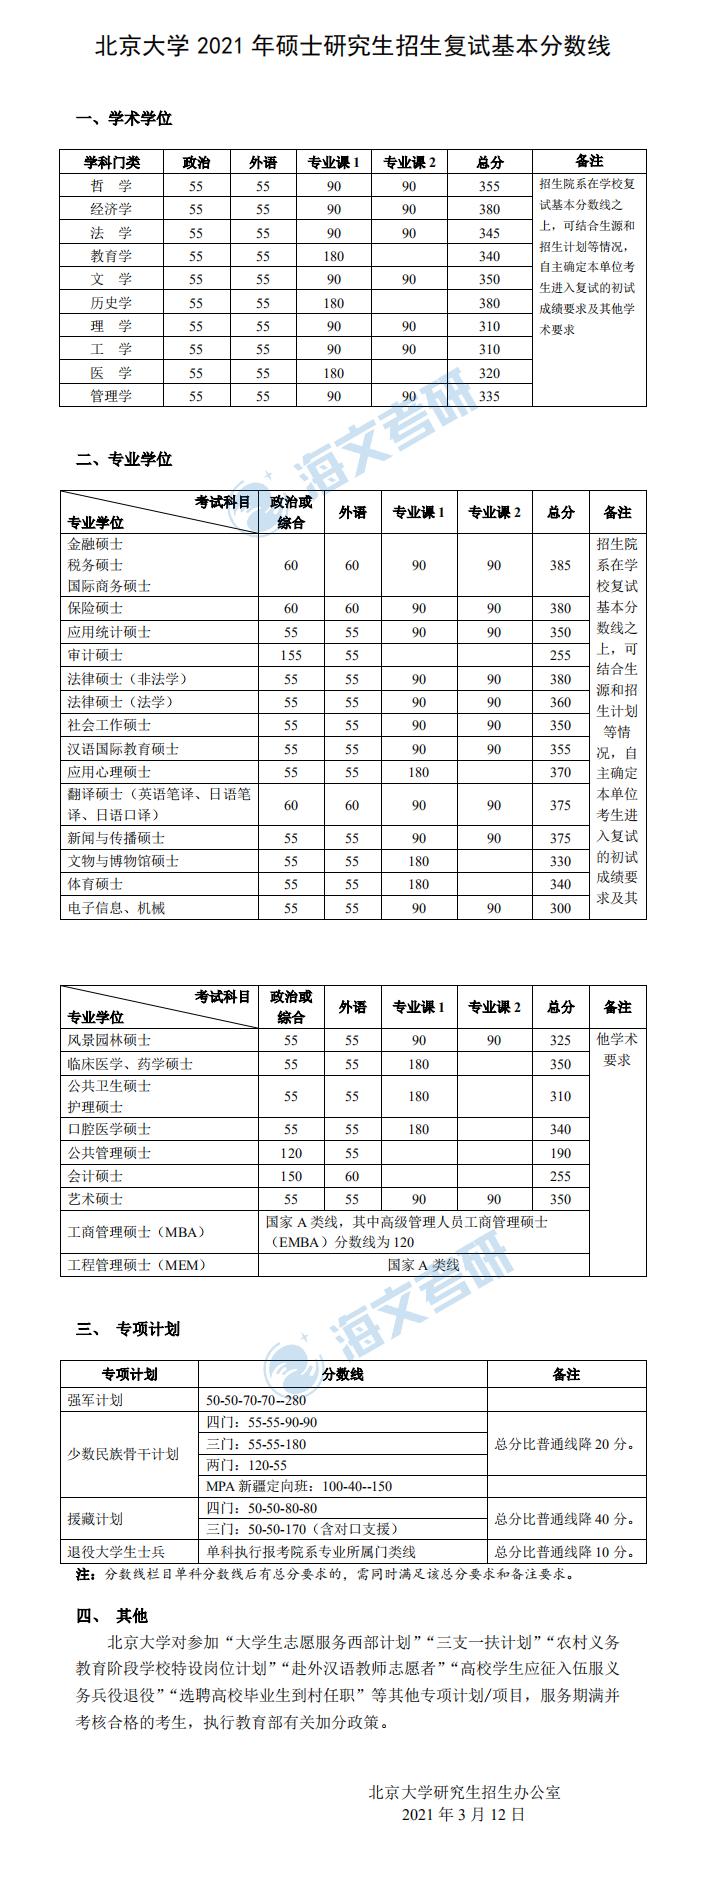 2021考研北京大学各专业复试分数线汇总